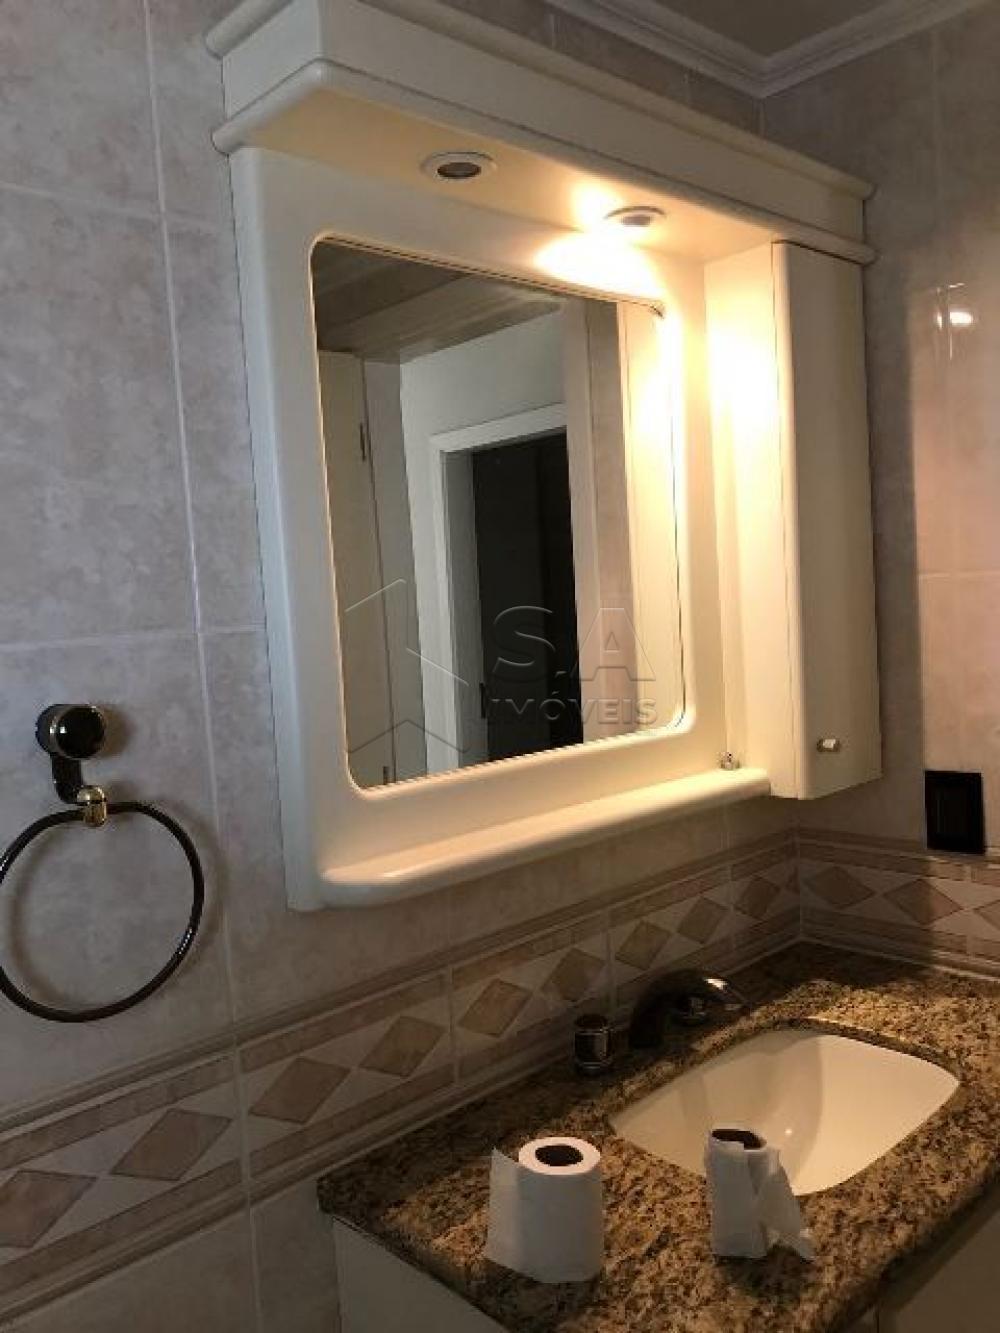 Comprar Apartamento / Padrão em Botucatu - Foto 26